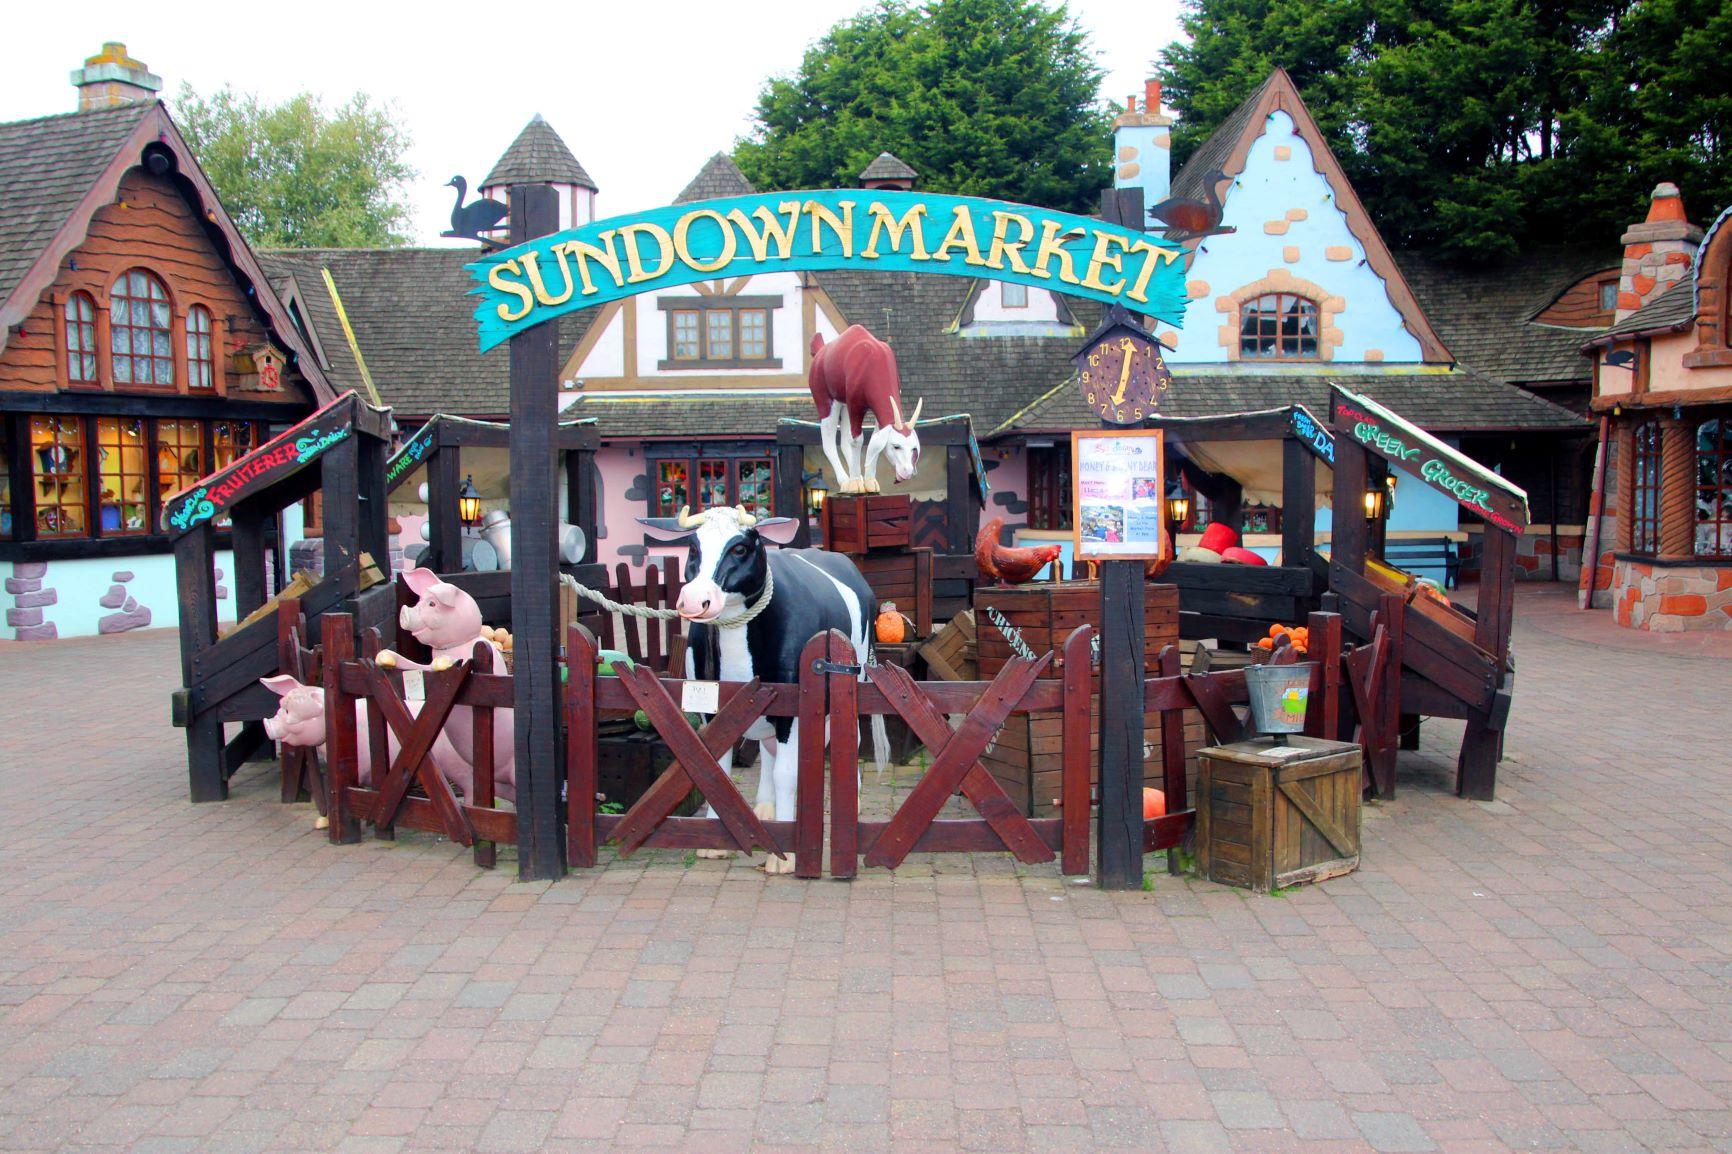 fairytale-themed park